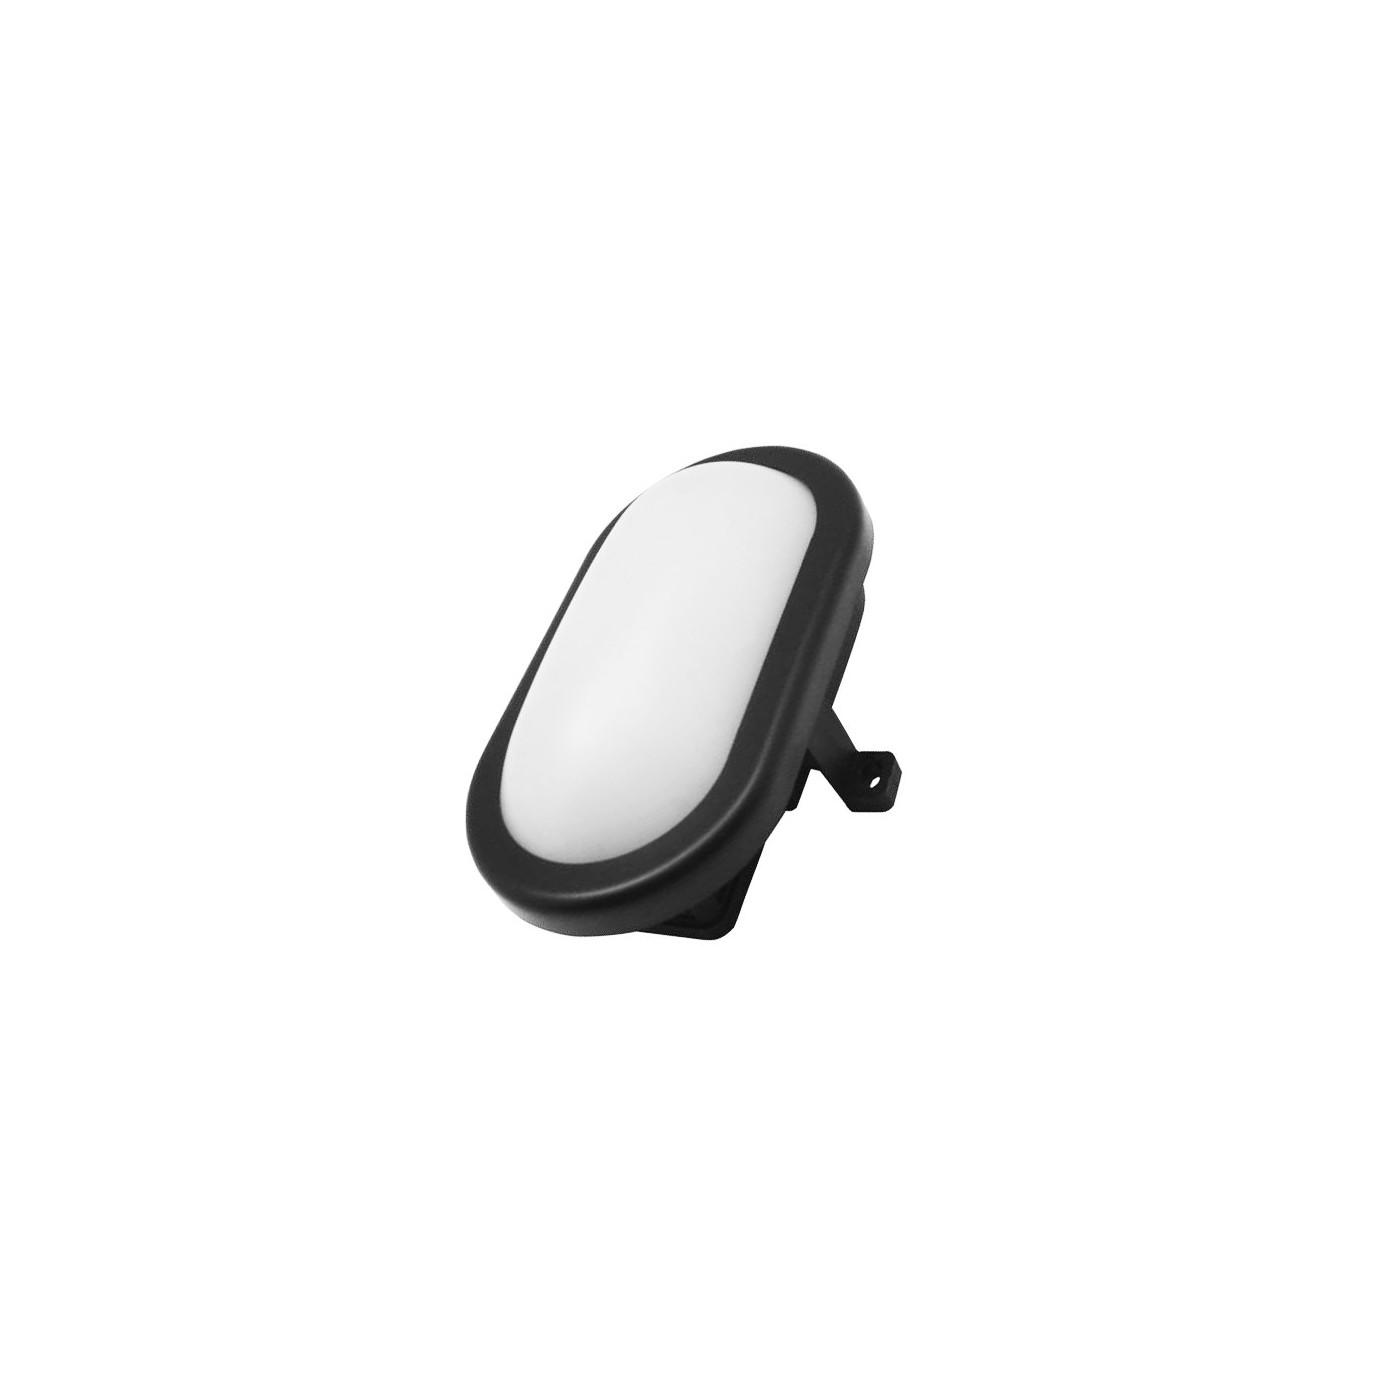 Bullseye outdoor lamp (220v, splash-proof, black)